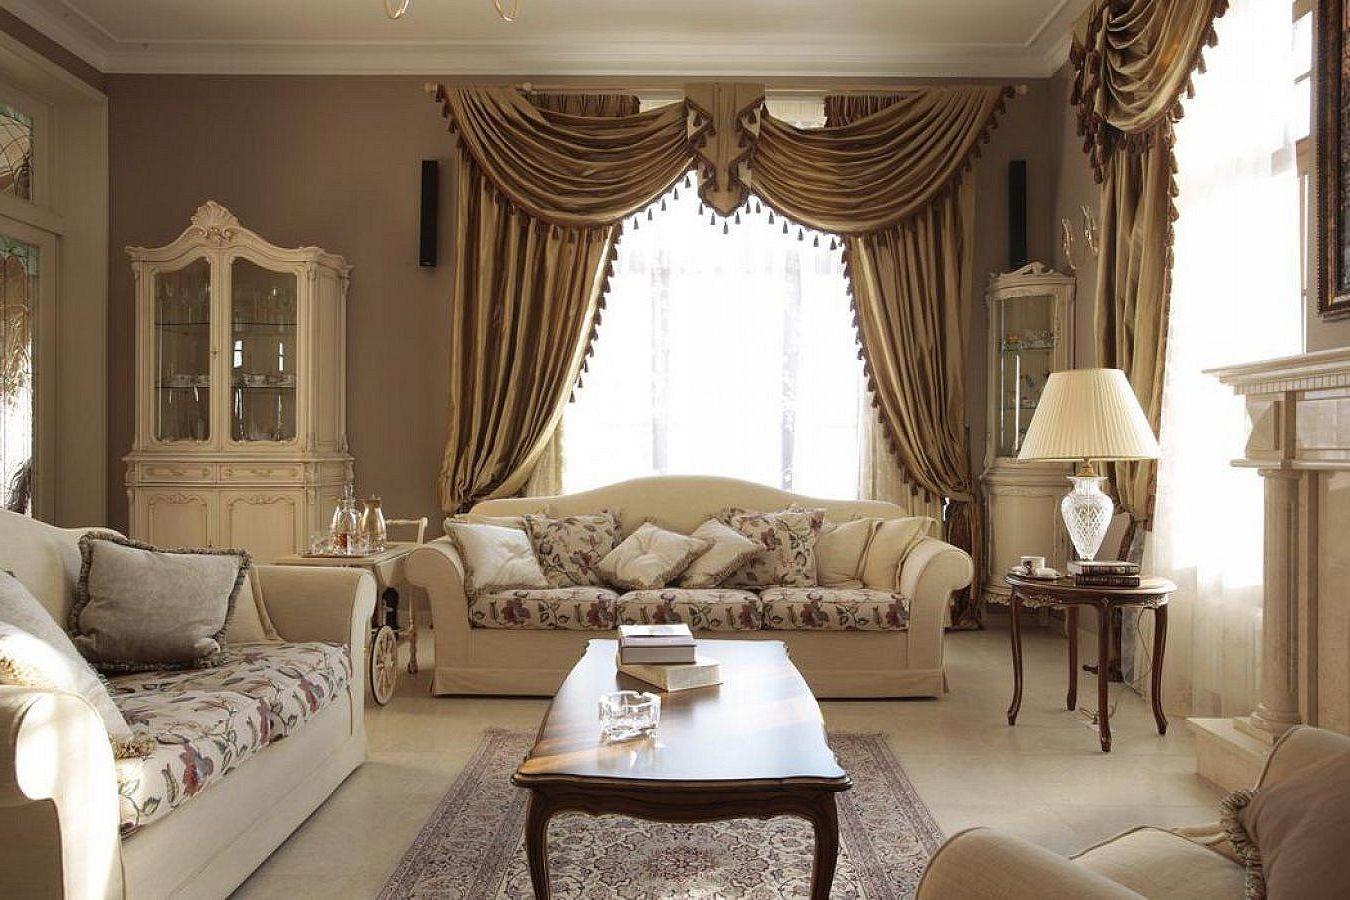 desain manis feminin » Ciptakan Kesan Klasik dan Elegan dengan Desain Interior Rumah Bergaya Vintage